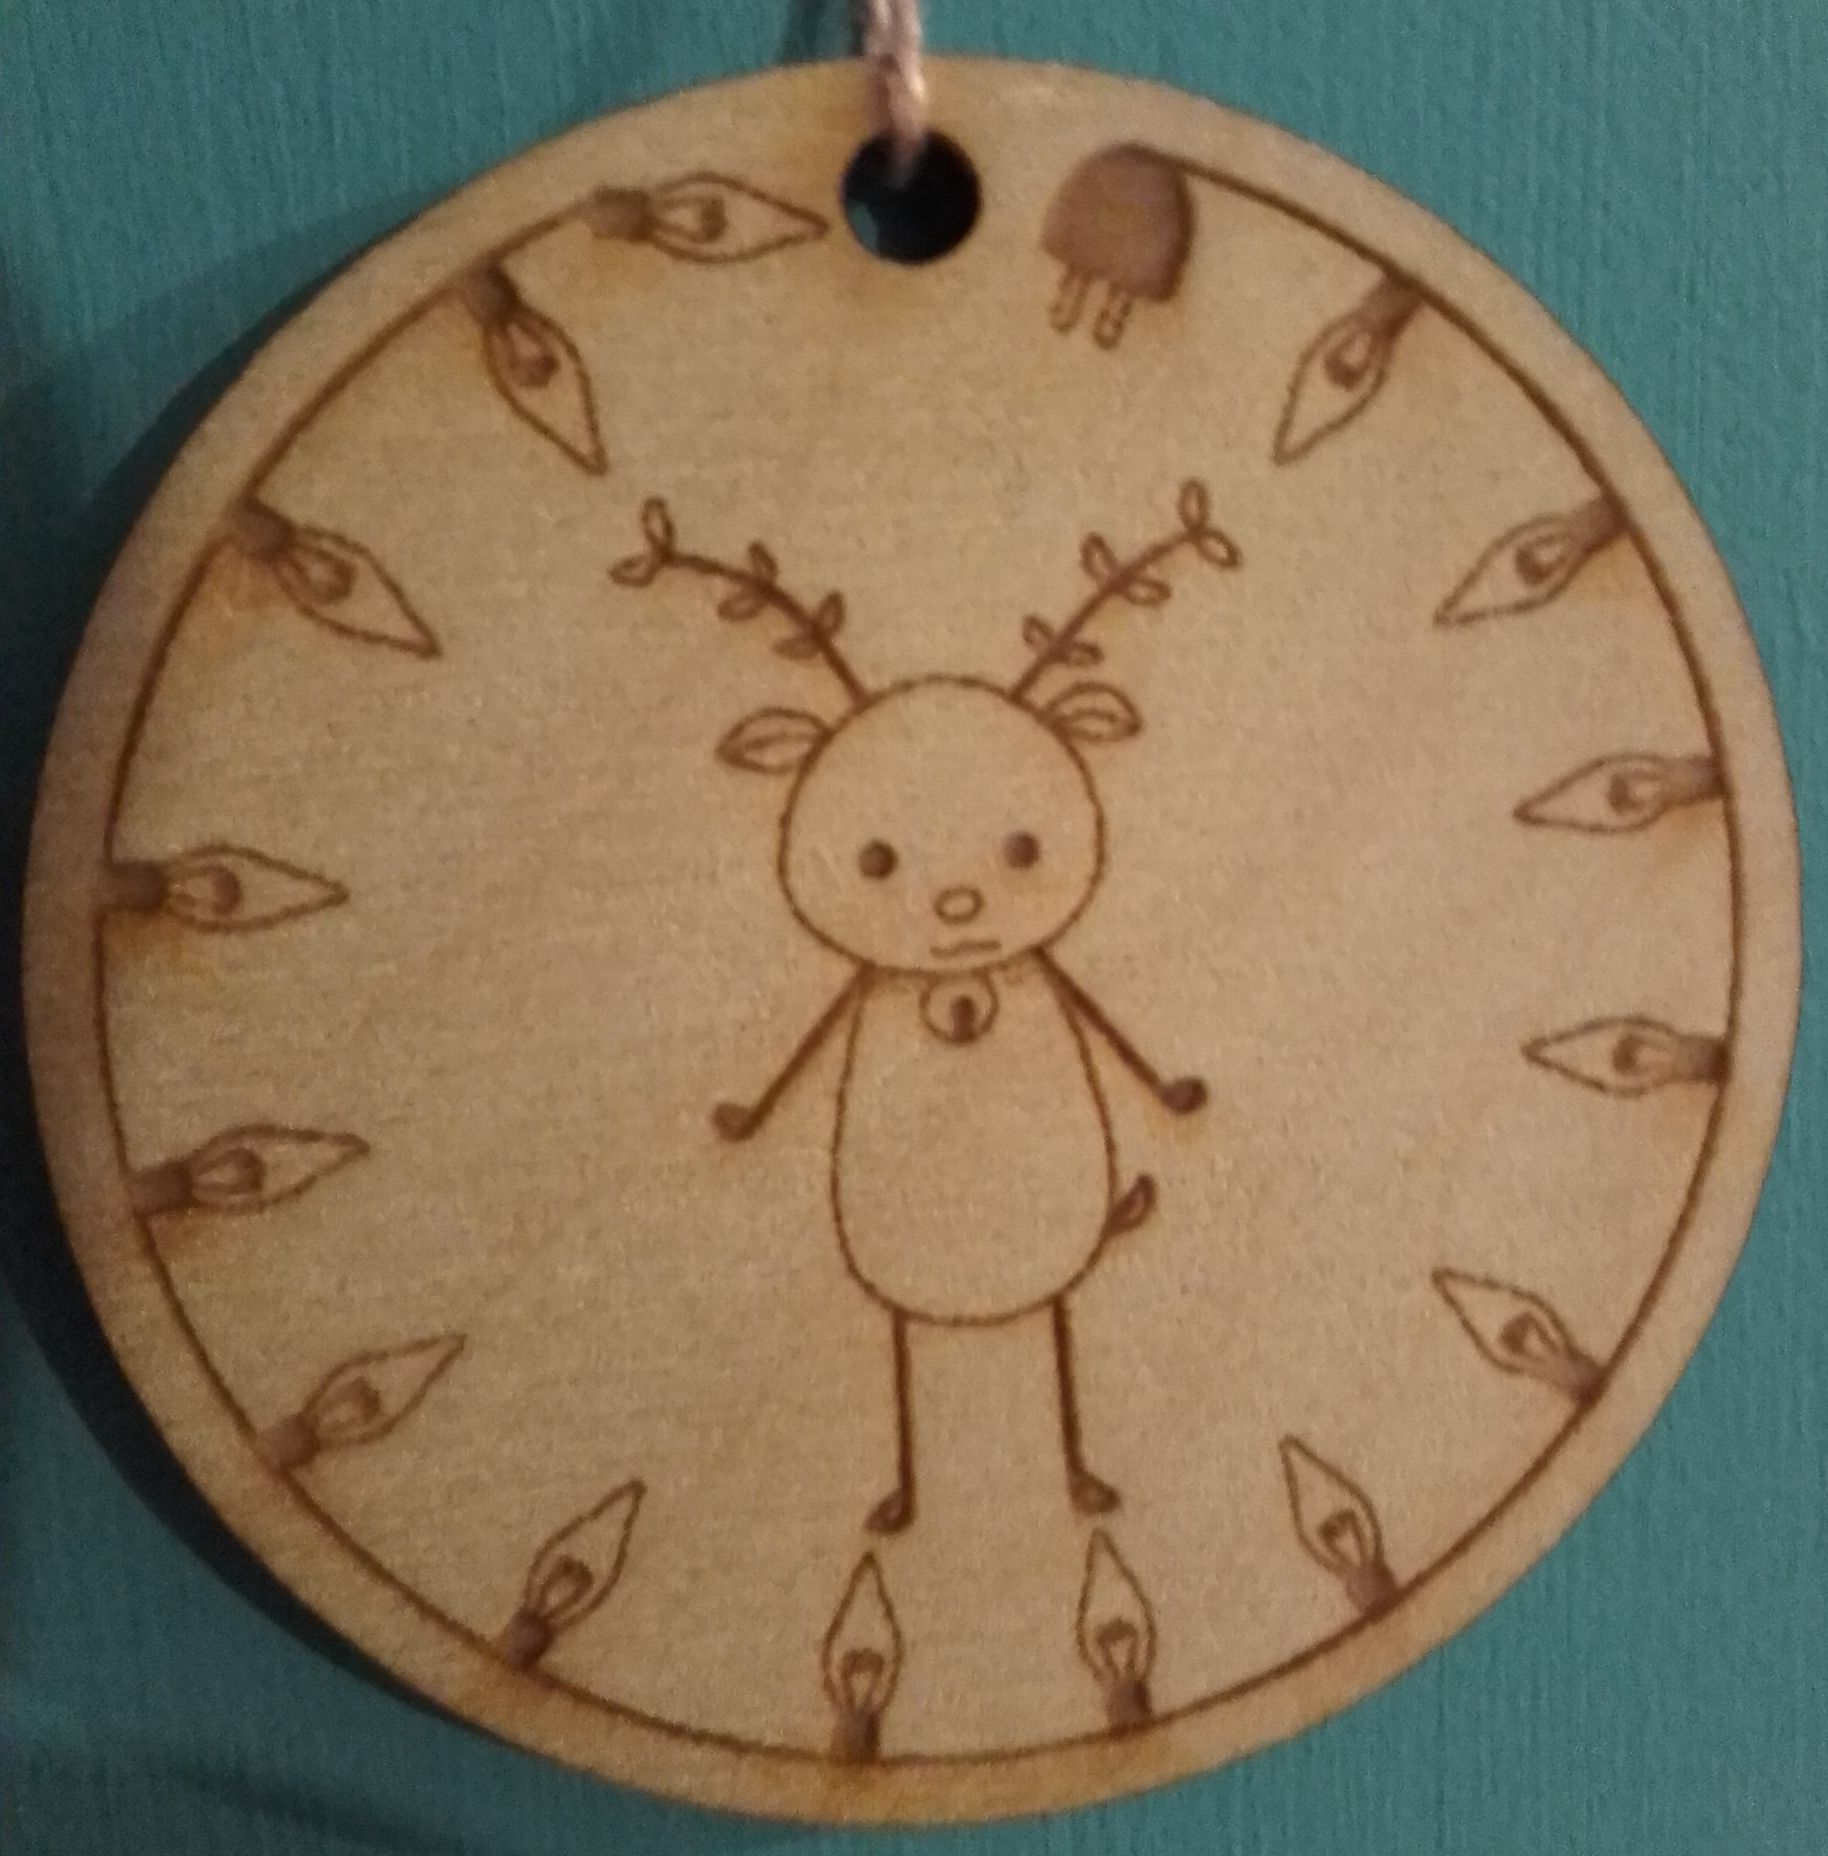 wooden reindeer http://malawielkaciutwiedzma.blogspot.com